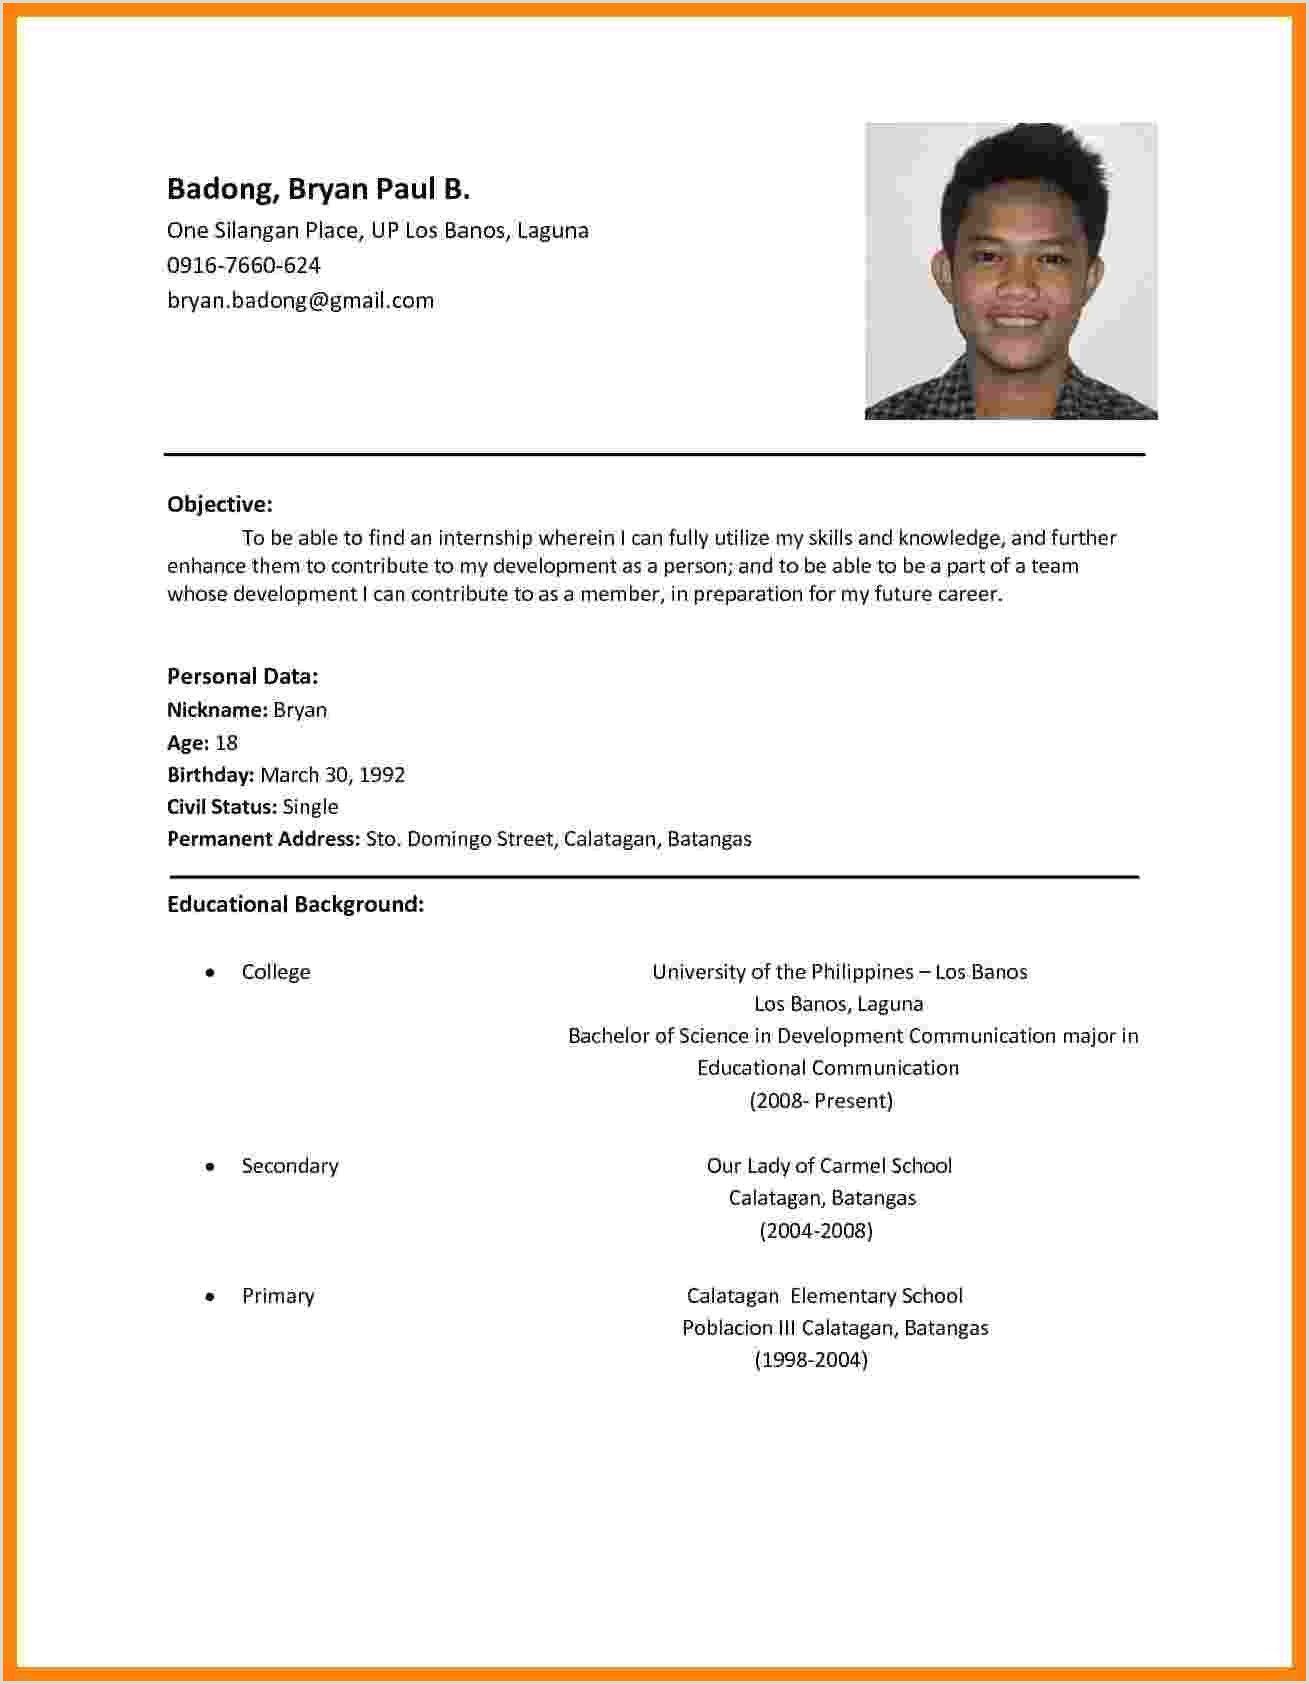 Standard Cv Format Pdf File In 2020 Sample Resume Format Basic Resume Format Job Resume Examples